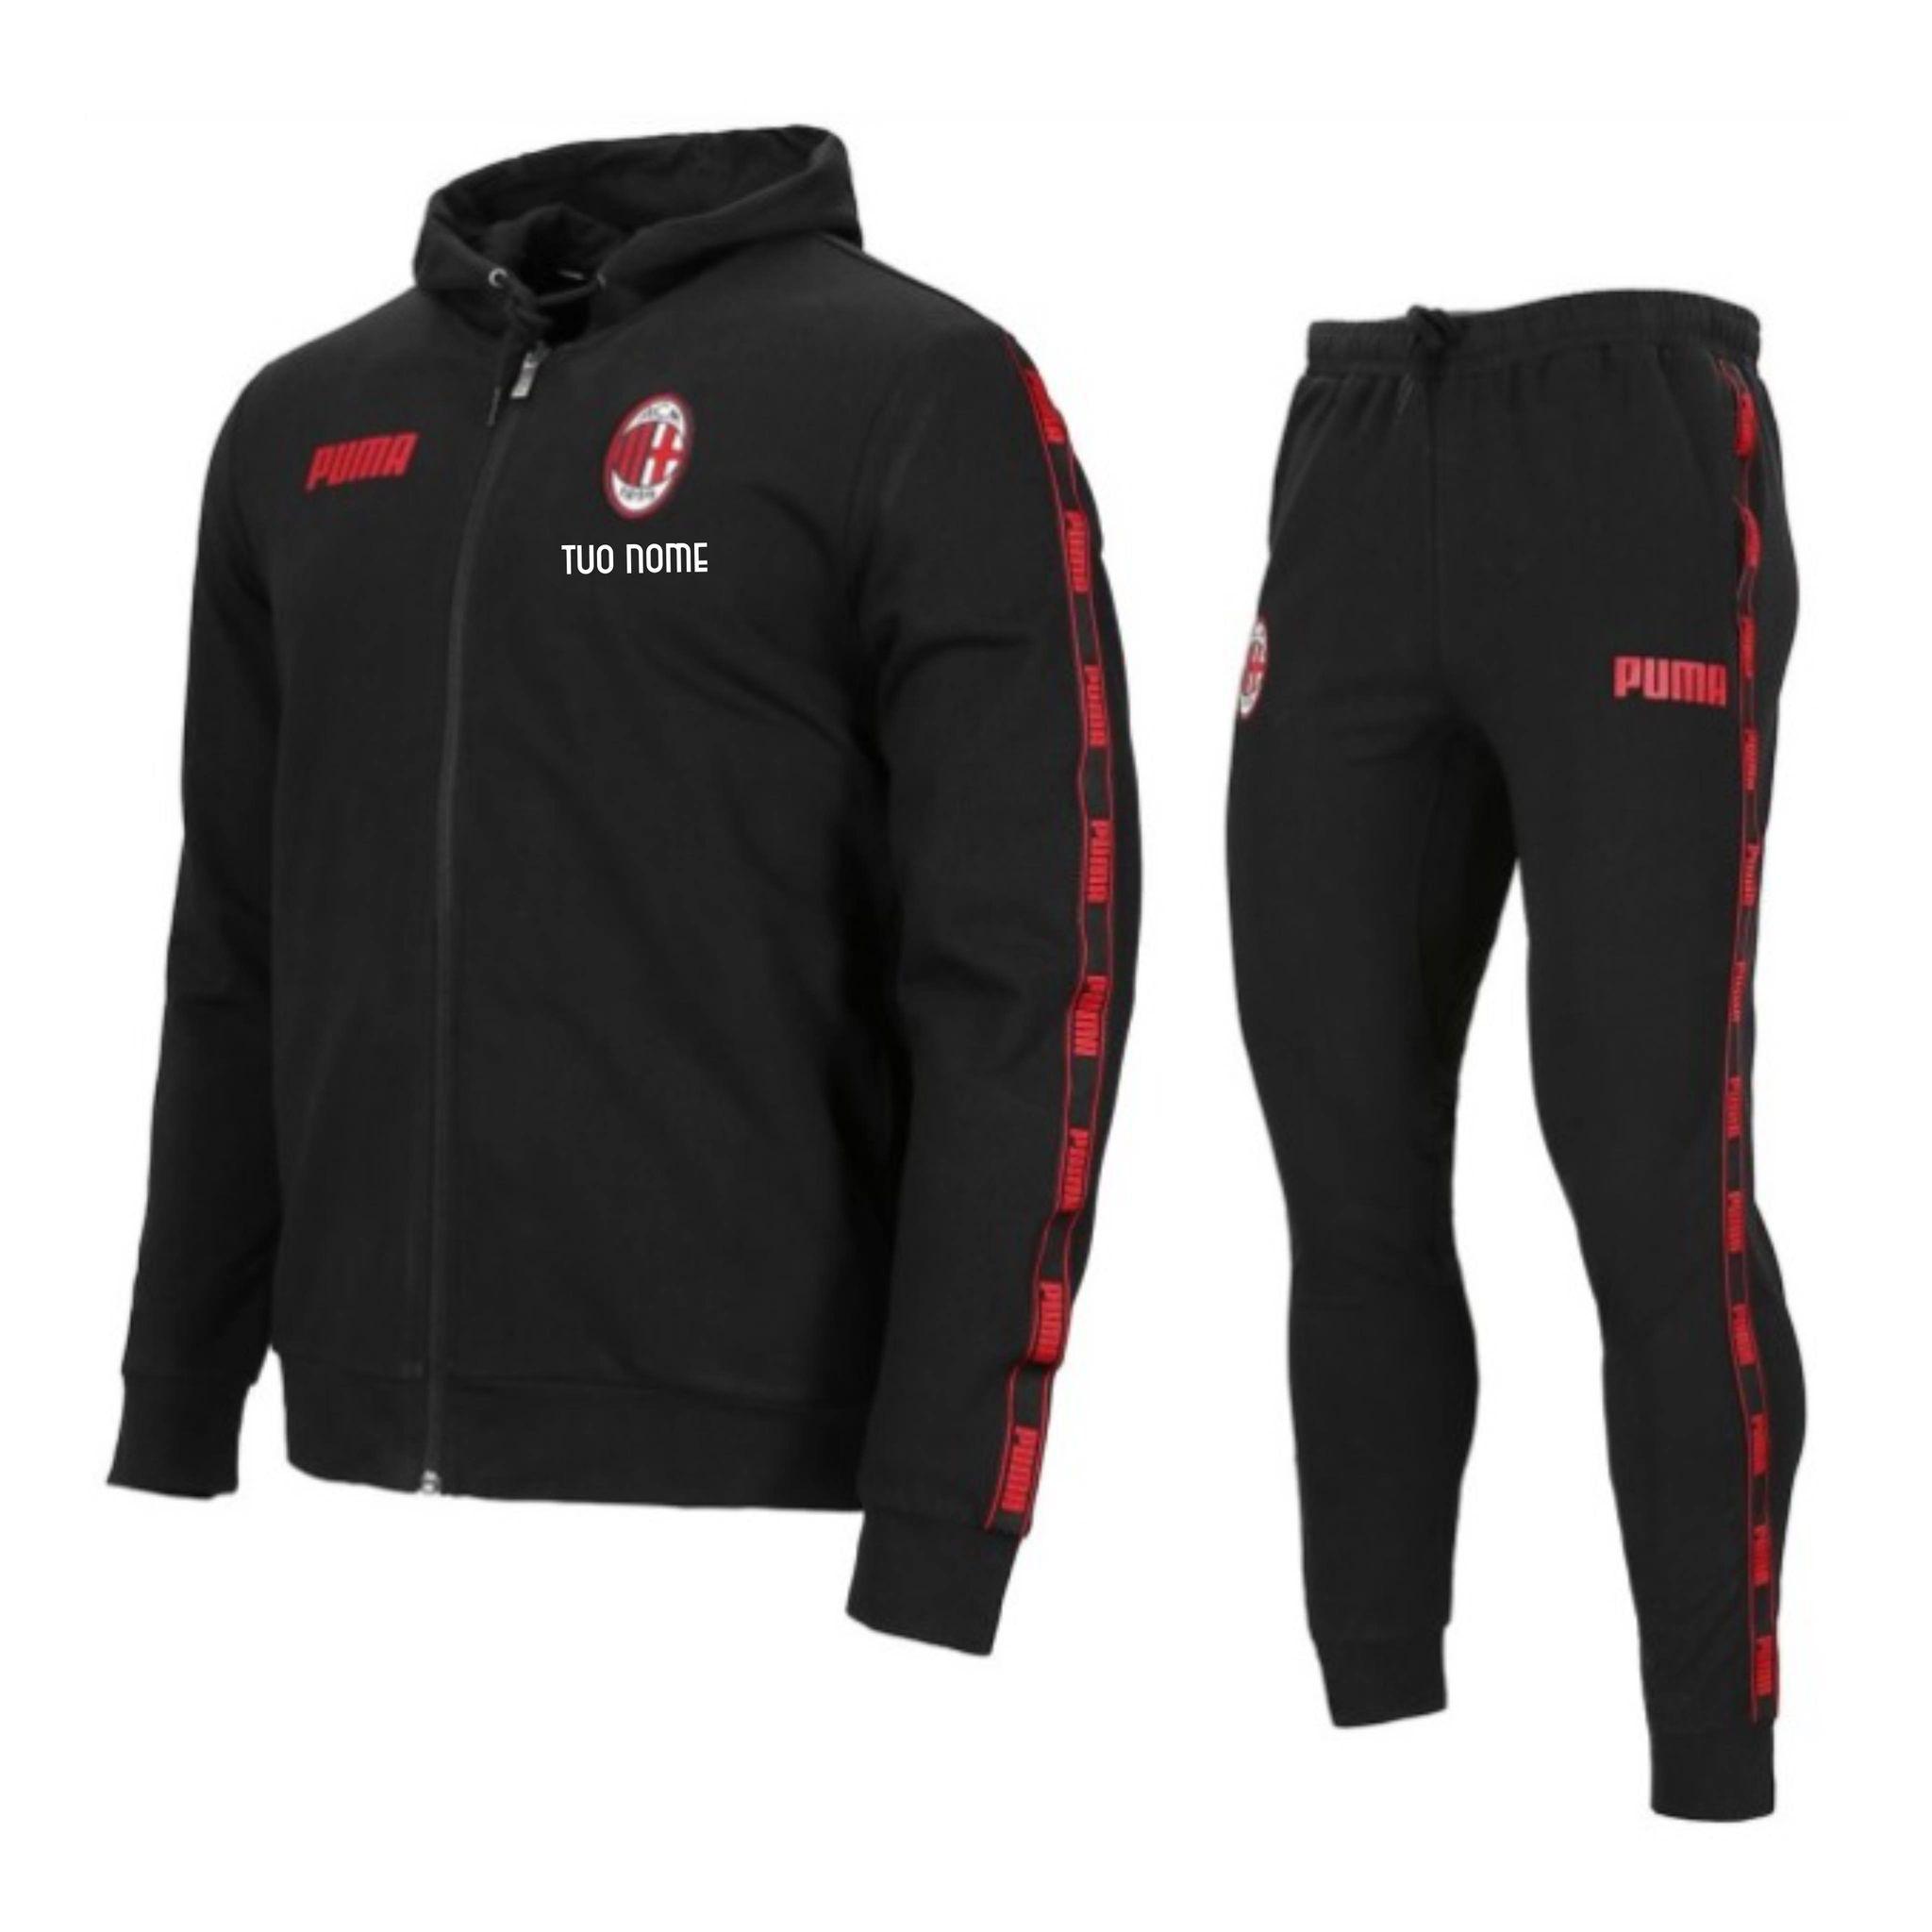 Tuta Cappuccio Nera Bambino A.C. Milan Ufficiale Puma 2020/2021